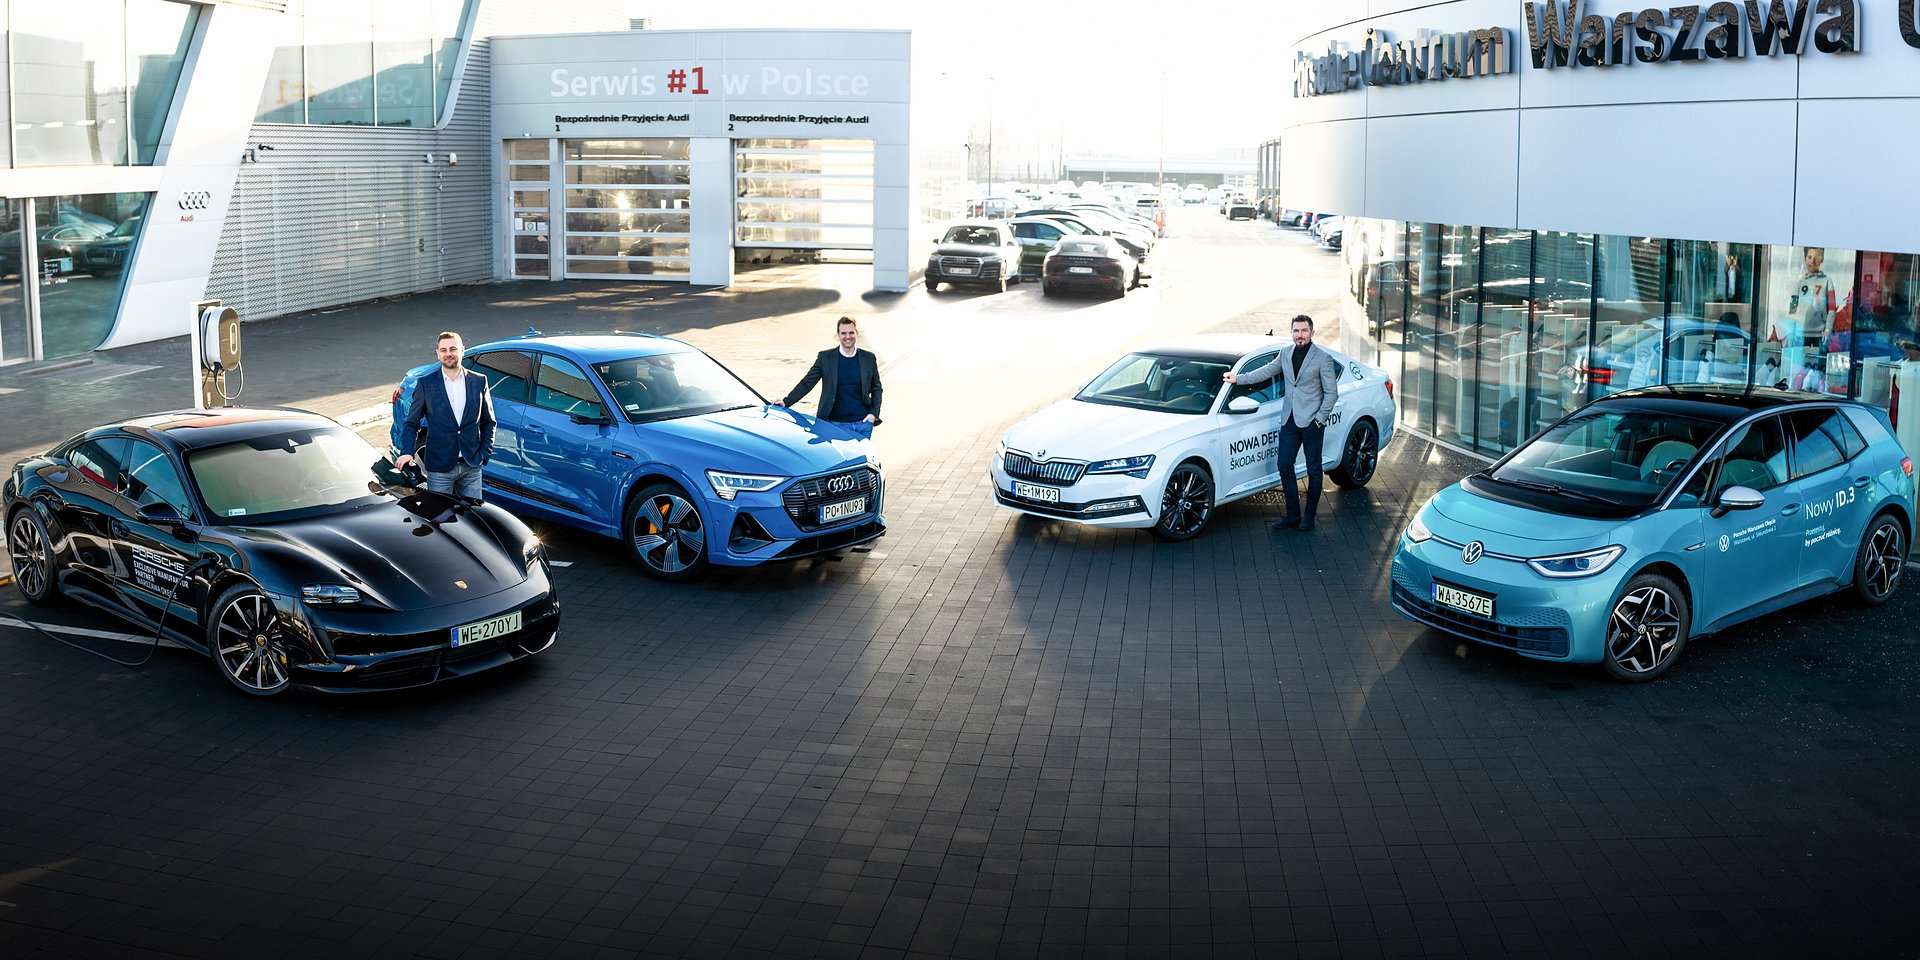 Samochody elektryczne oraz nowoczesna technologia solarna. SunRoof partnerem biznesowym Porsche Inter Auto Polska